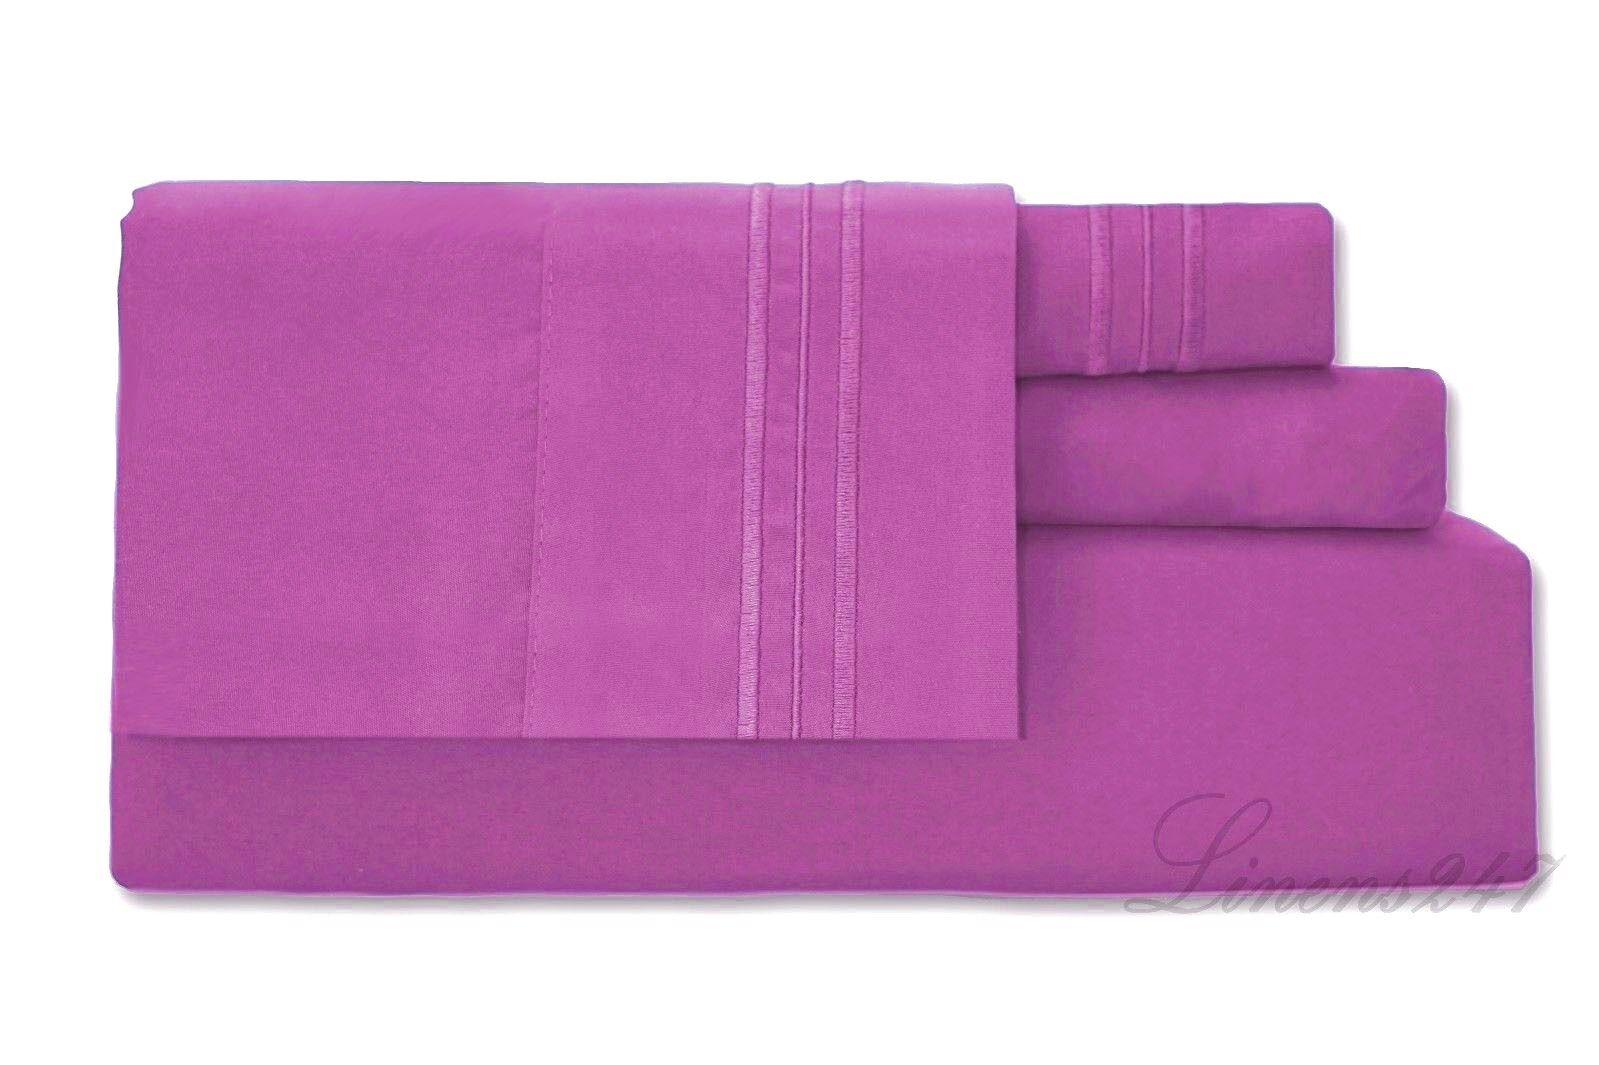 4 Piece Deep Pocket Bed Sheet Set 1800 series Brand new